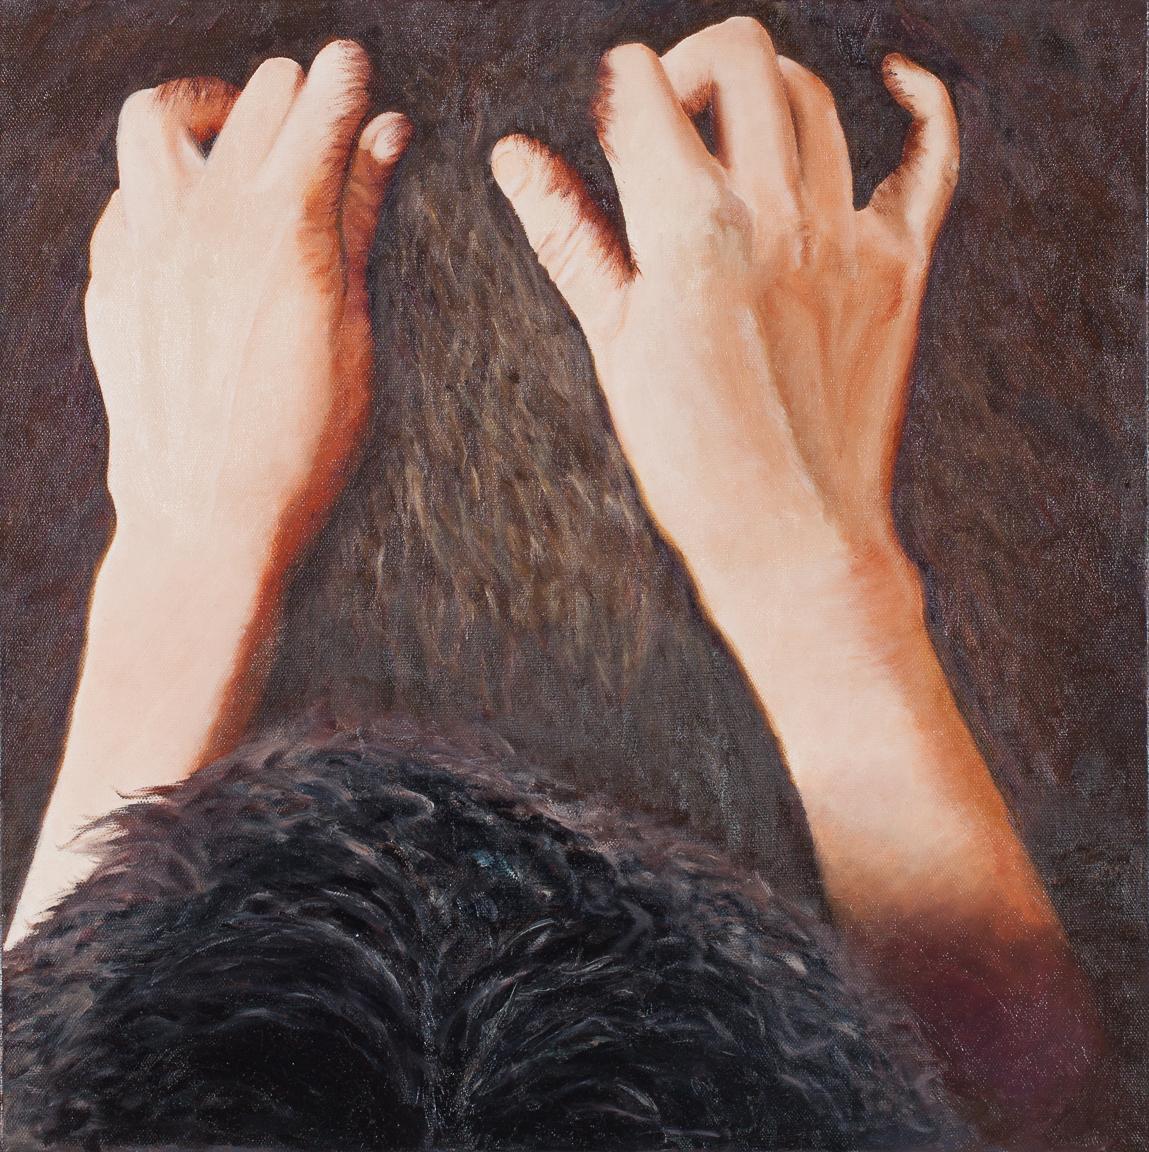 Hands in Fur